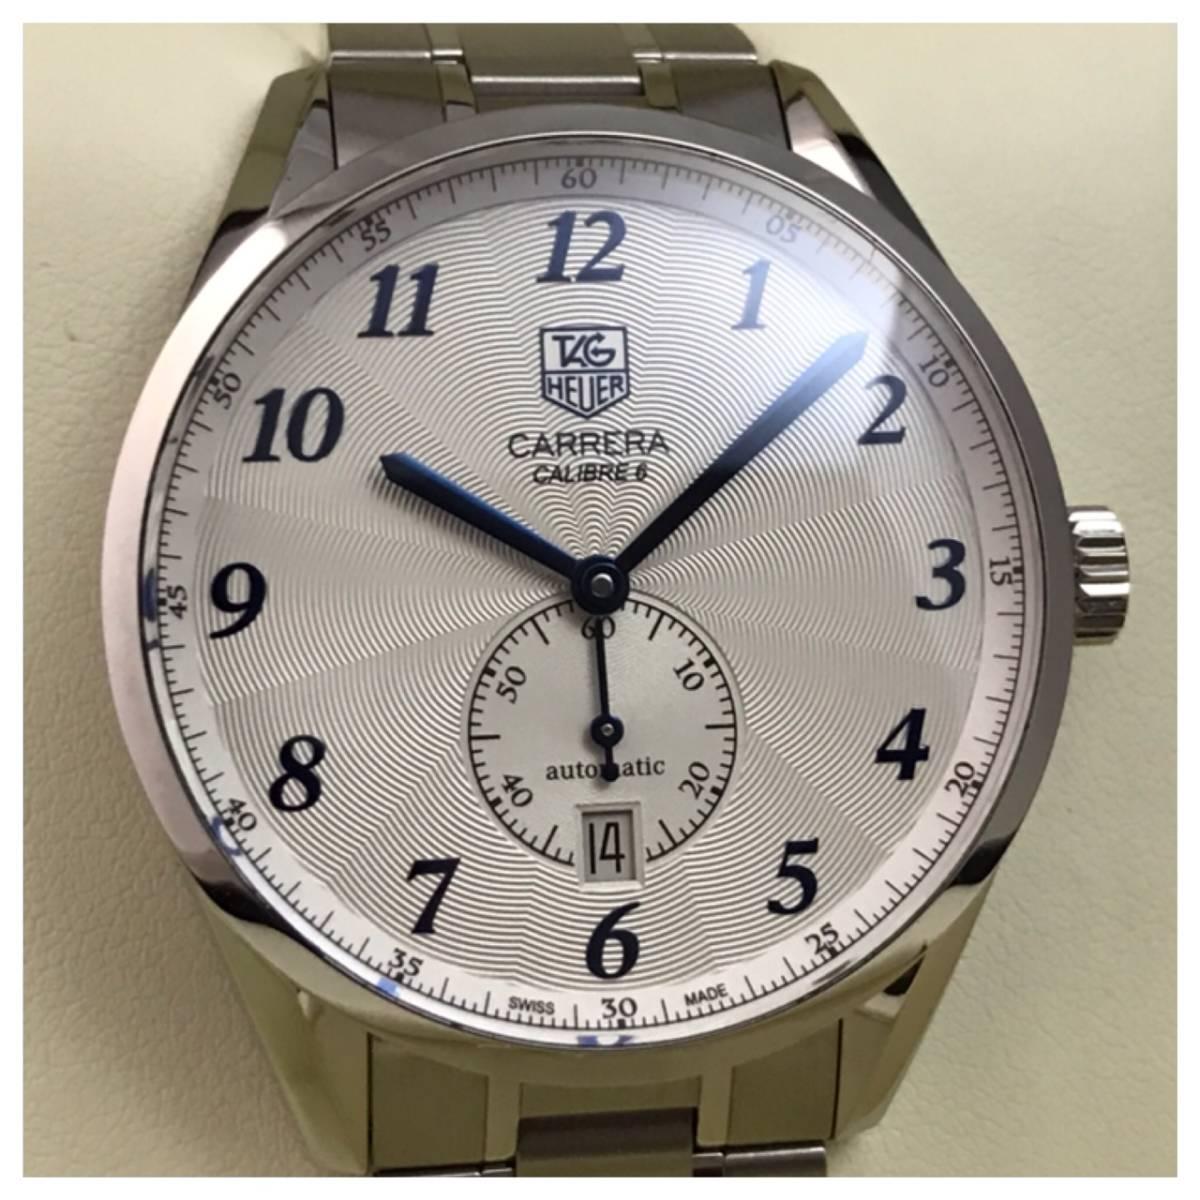 付属品全部付き☆新品同様美品のタグホイヤー時計カレラ・キャリバー6☆WAS2112☆